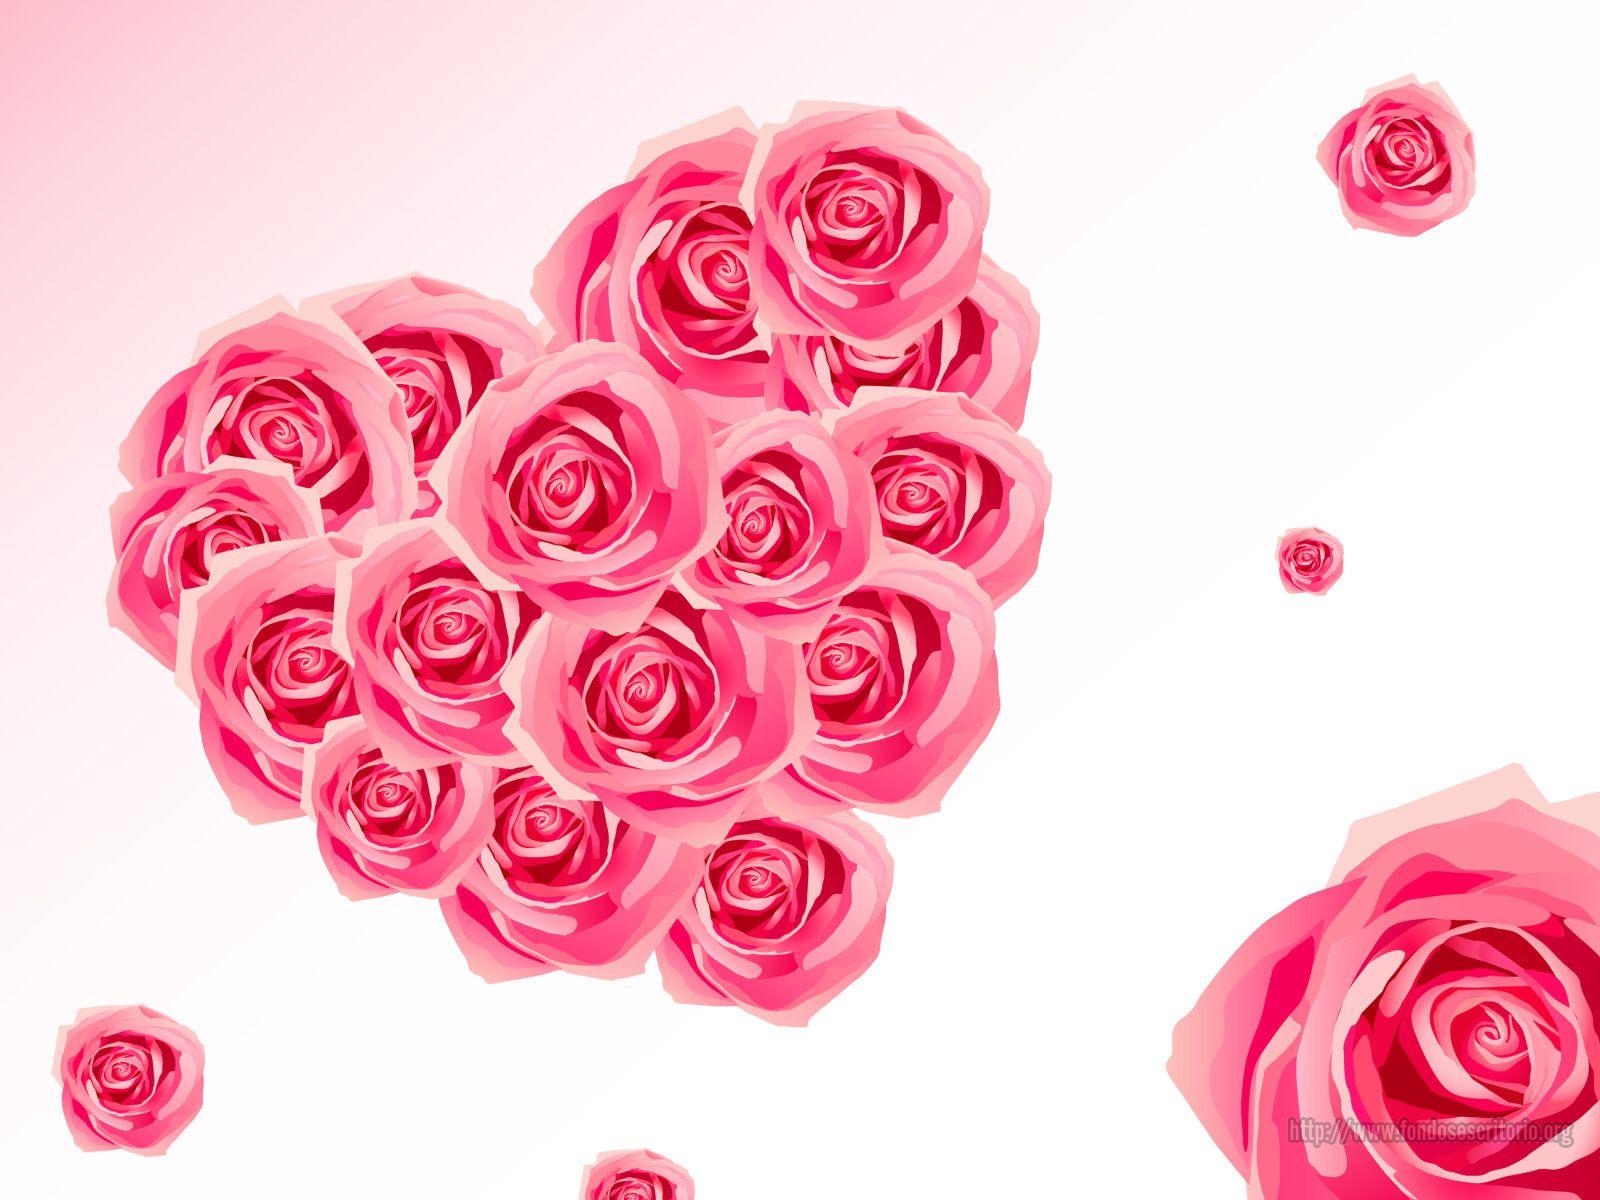 http://4.bp.blogspot.com/-H4Emz575-HU/UEZlFdK3crI/AAAAAAAAEKE/ibNBQZiTjNs/s1600/shutterstock_12060340-63305.jpeg